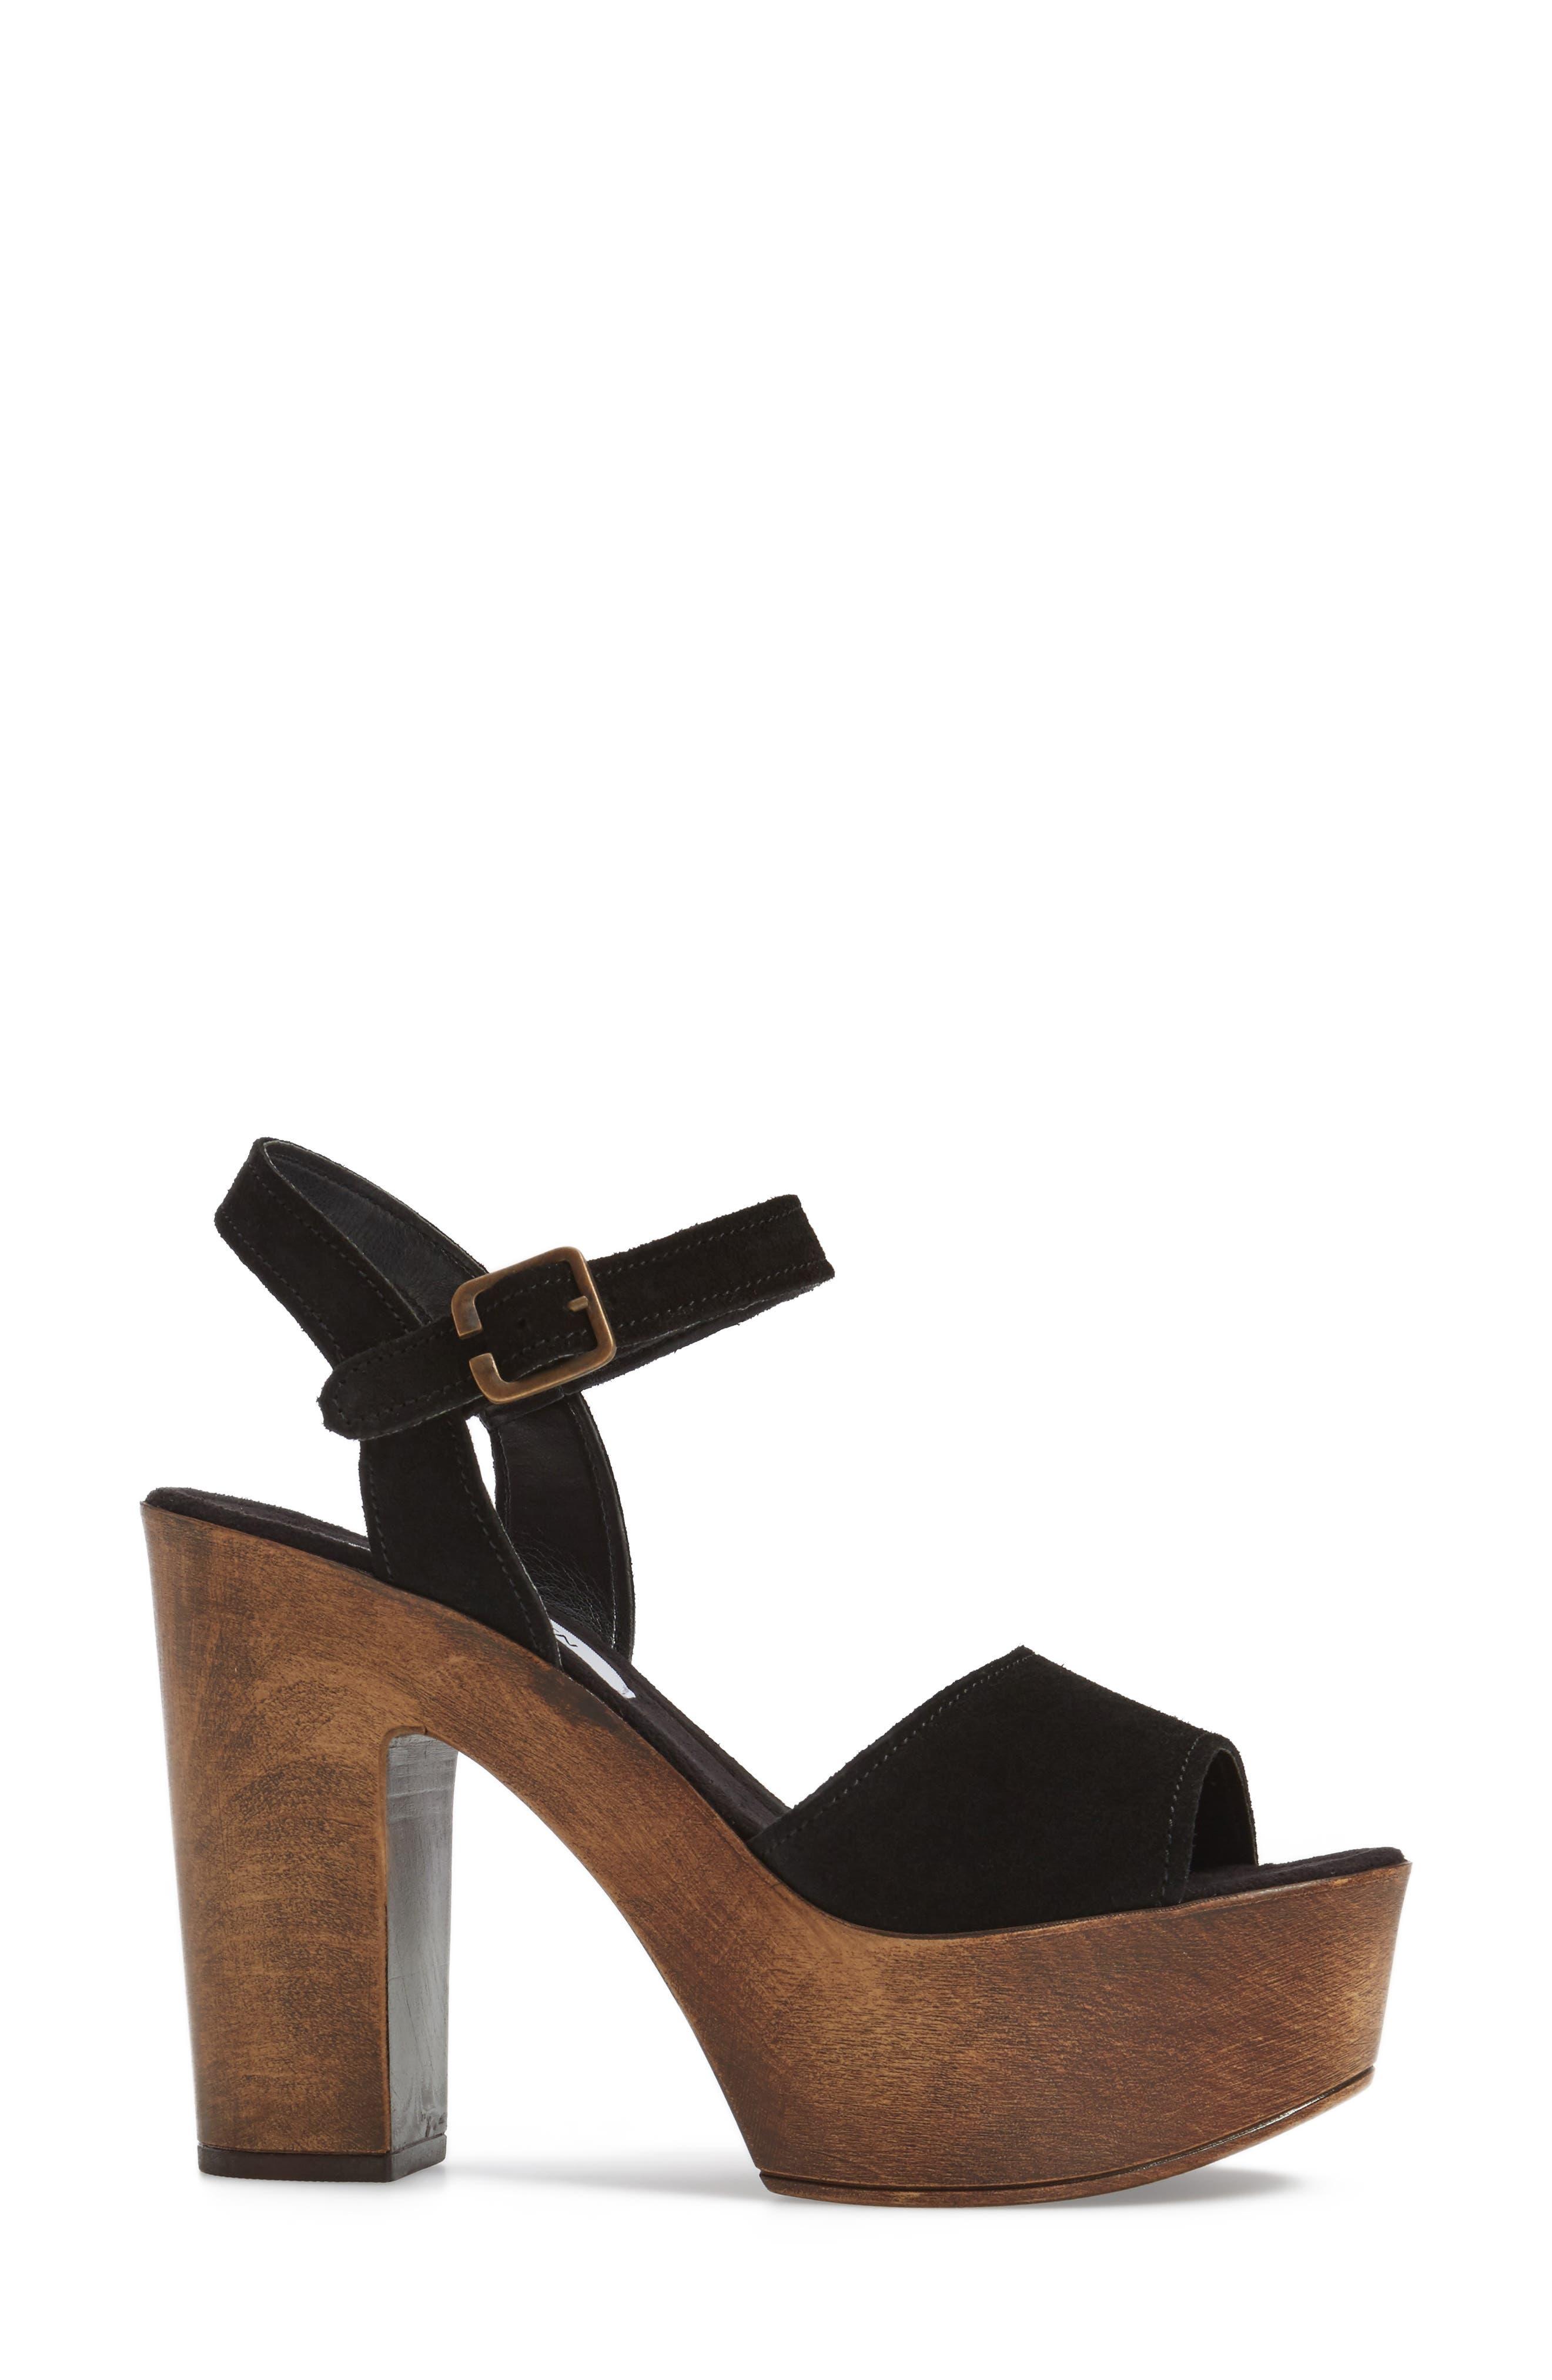 Lulla Platform Sandal,                             Alternate thumbnail 3, color,                             Black Suede